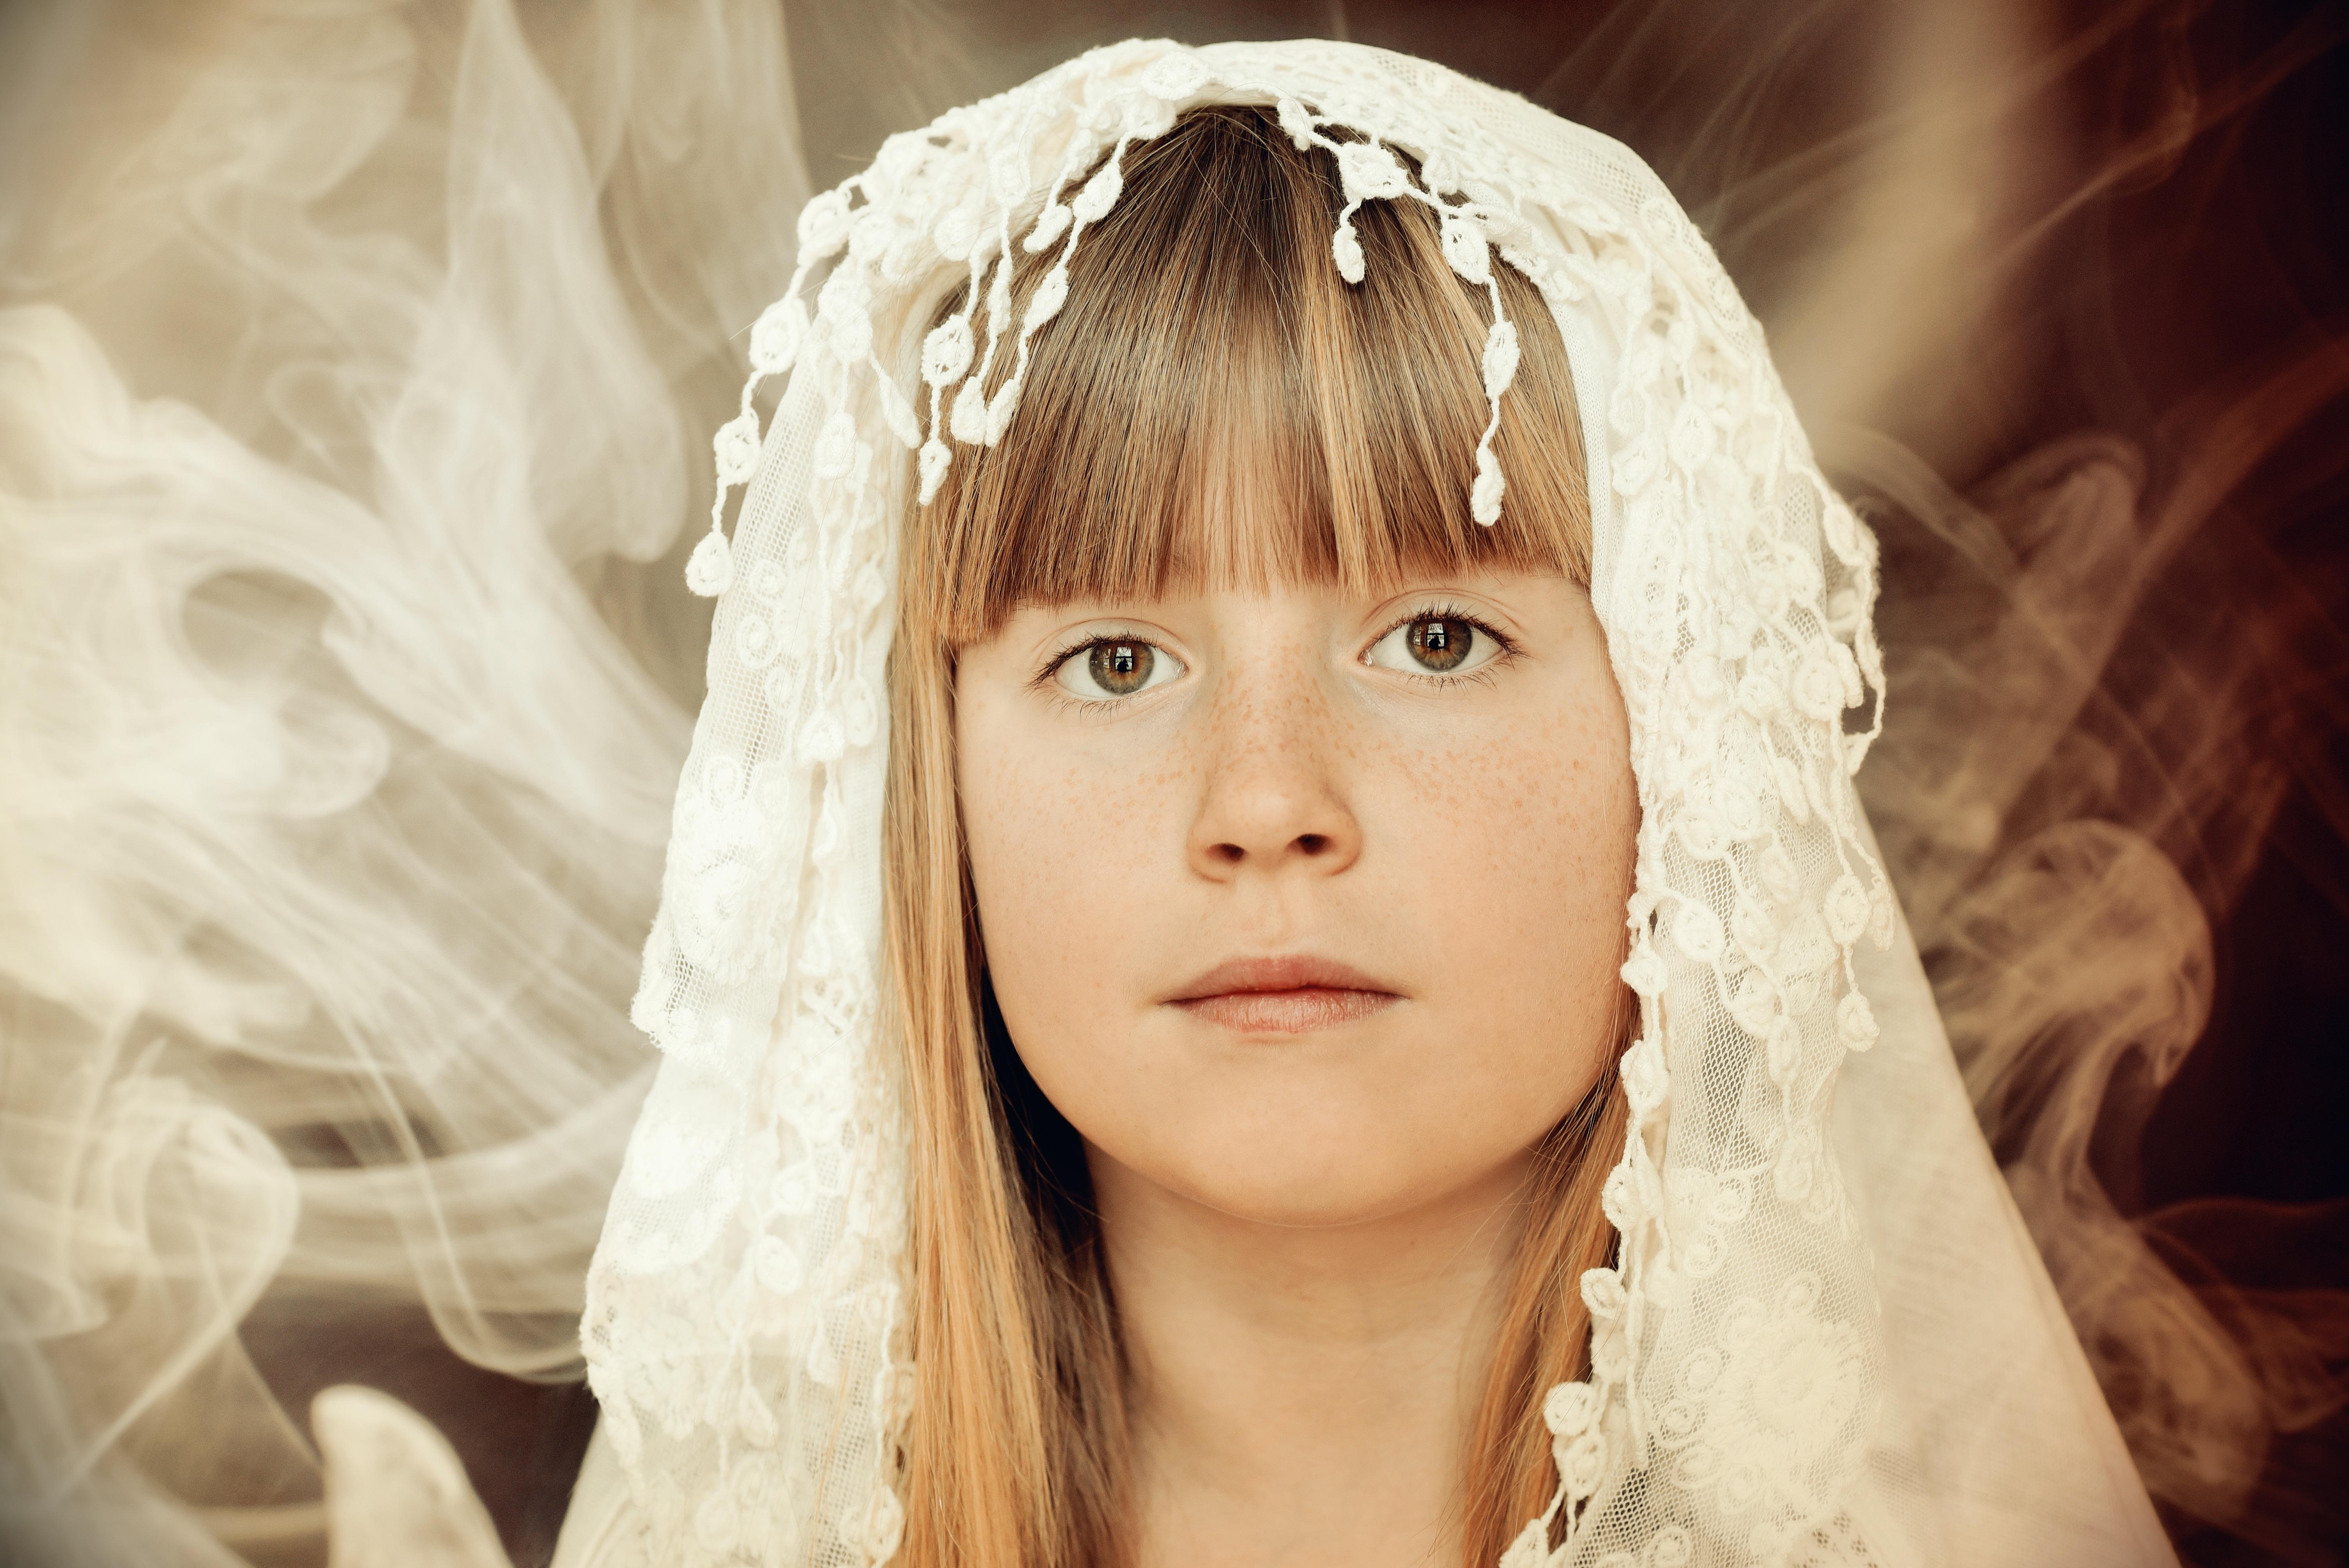 Kostenlose foto Mädchen Frau Haar Fotografie Rauch Porträt